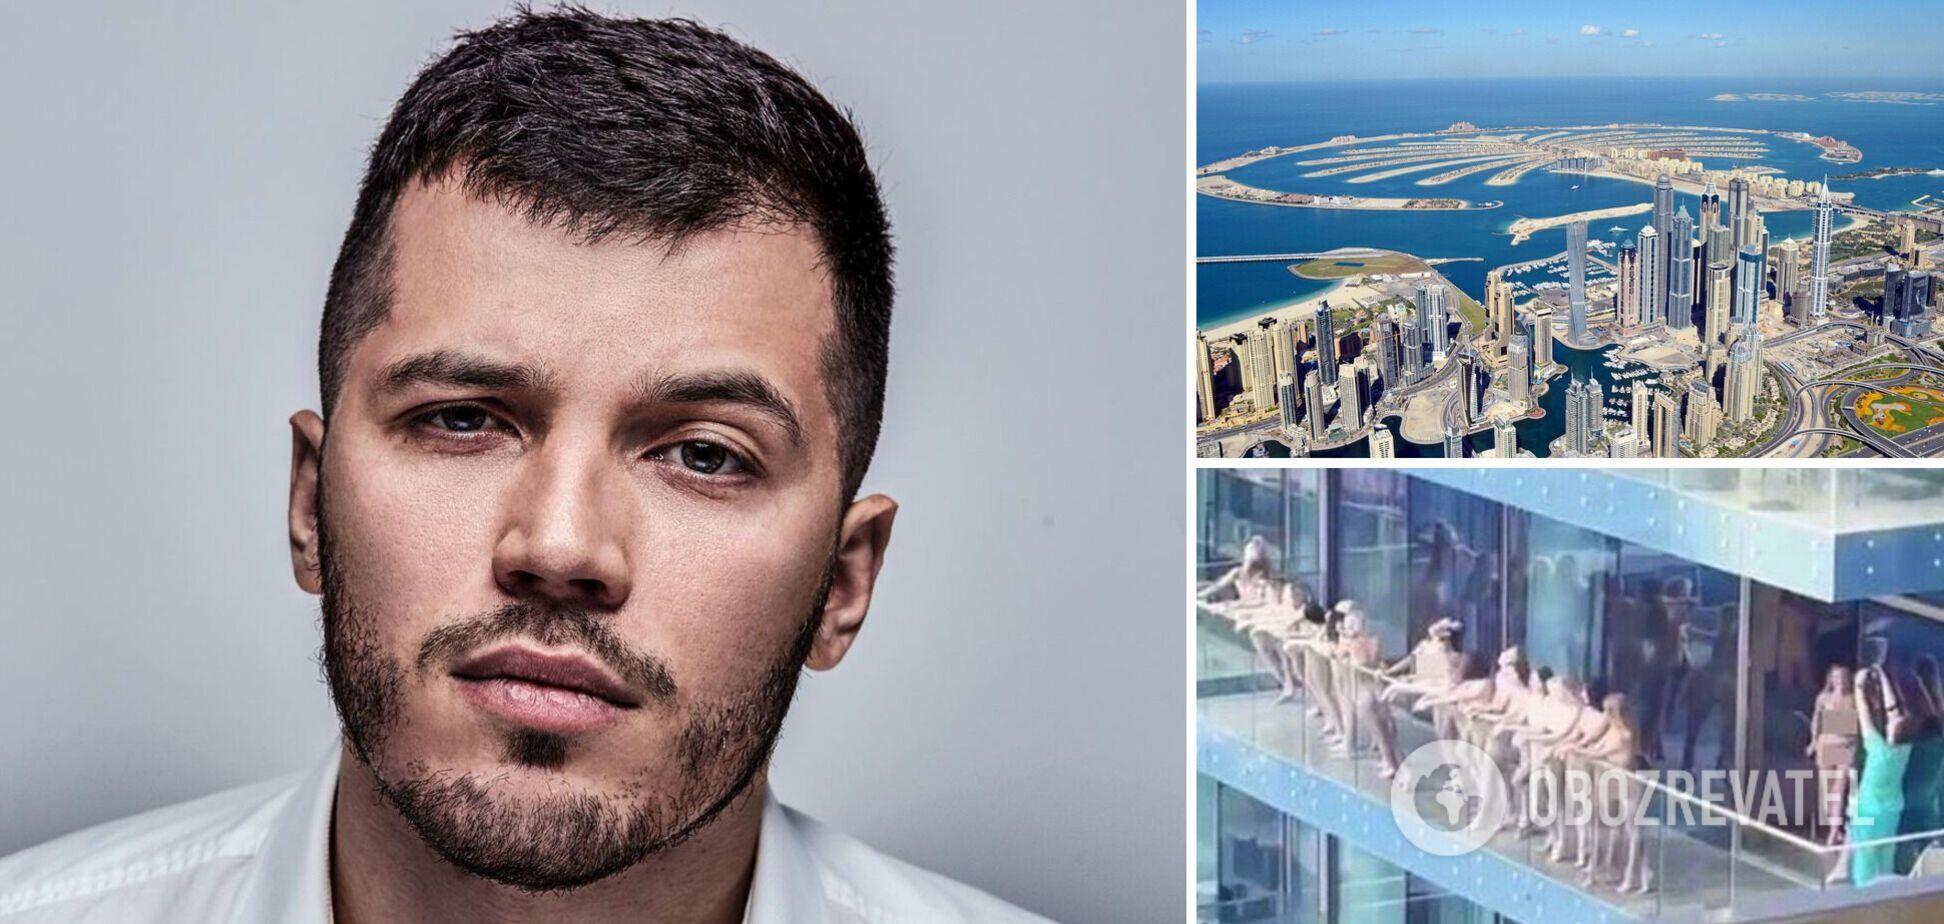 'Организатор' голой фотосессии в Дубае впервые рассказал подробности о съемке